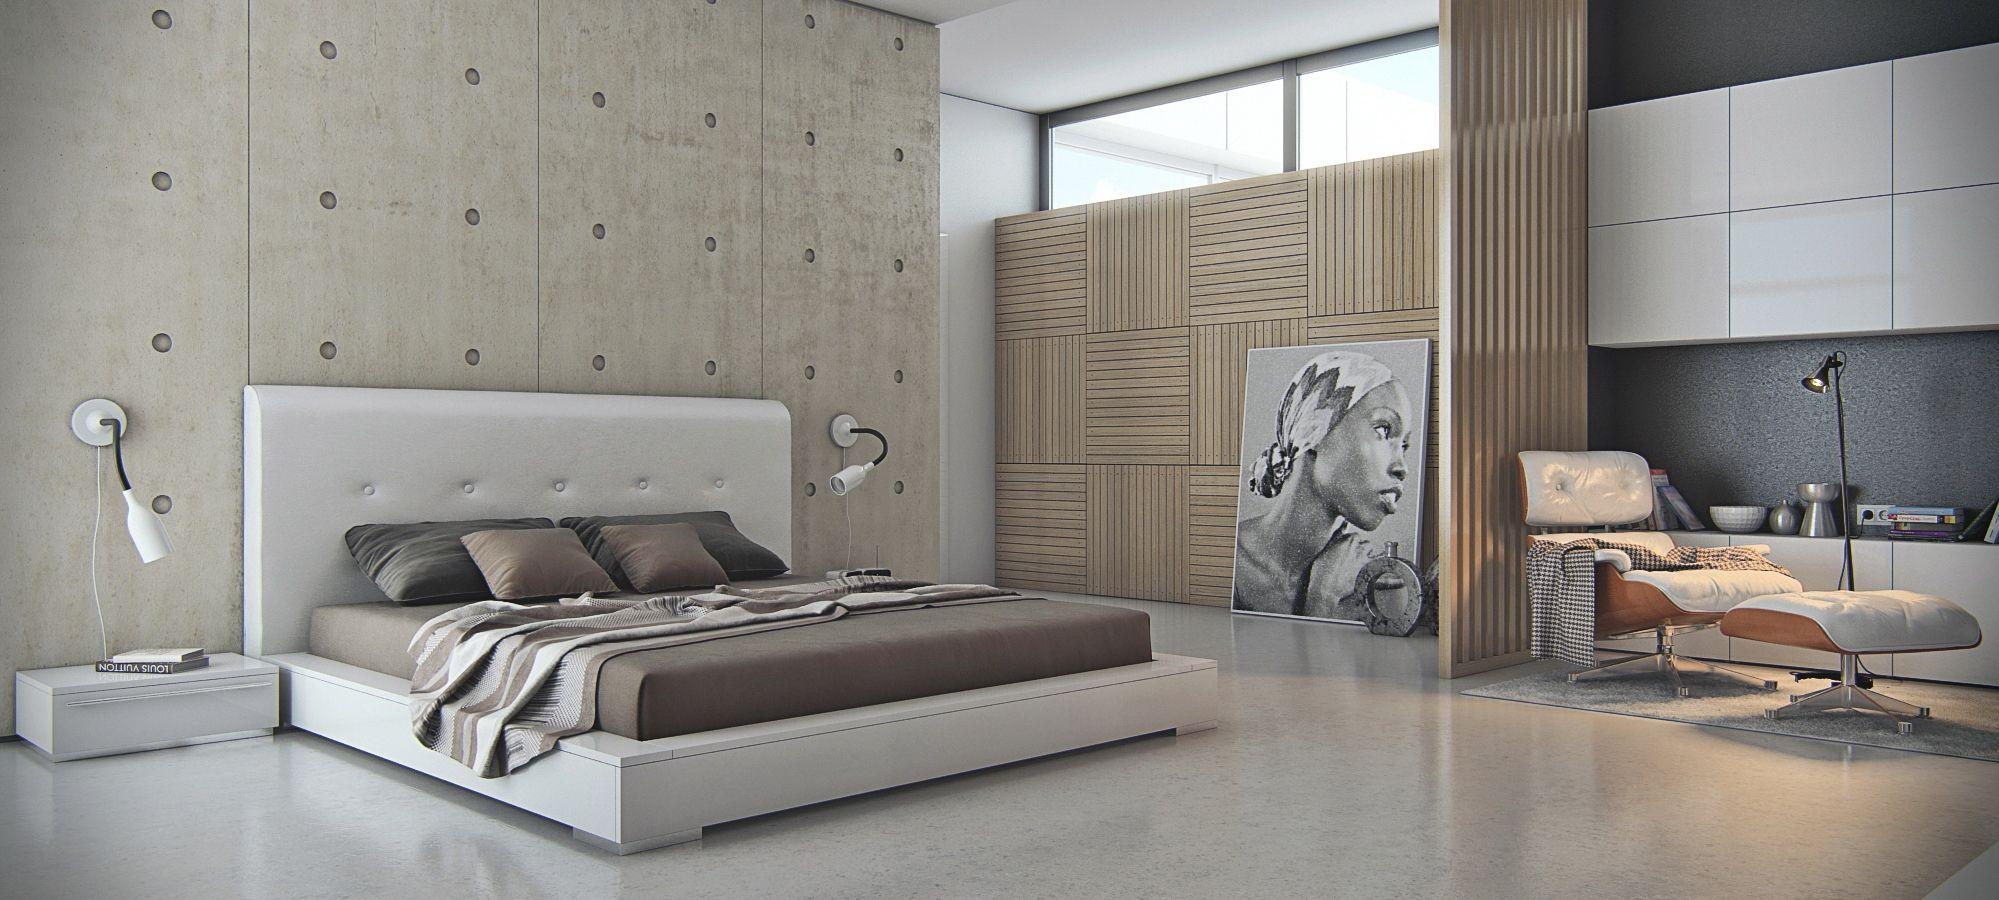 2018 Trending: 20 Bedroom Designs to Watch for in 2018 ...